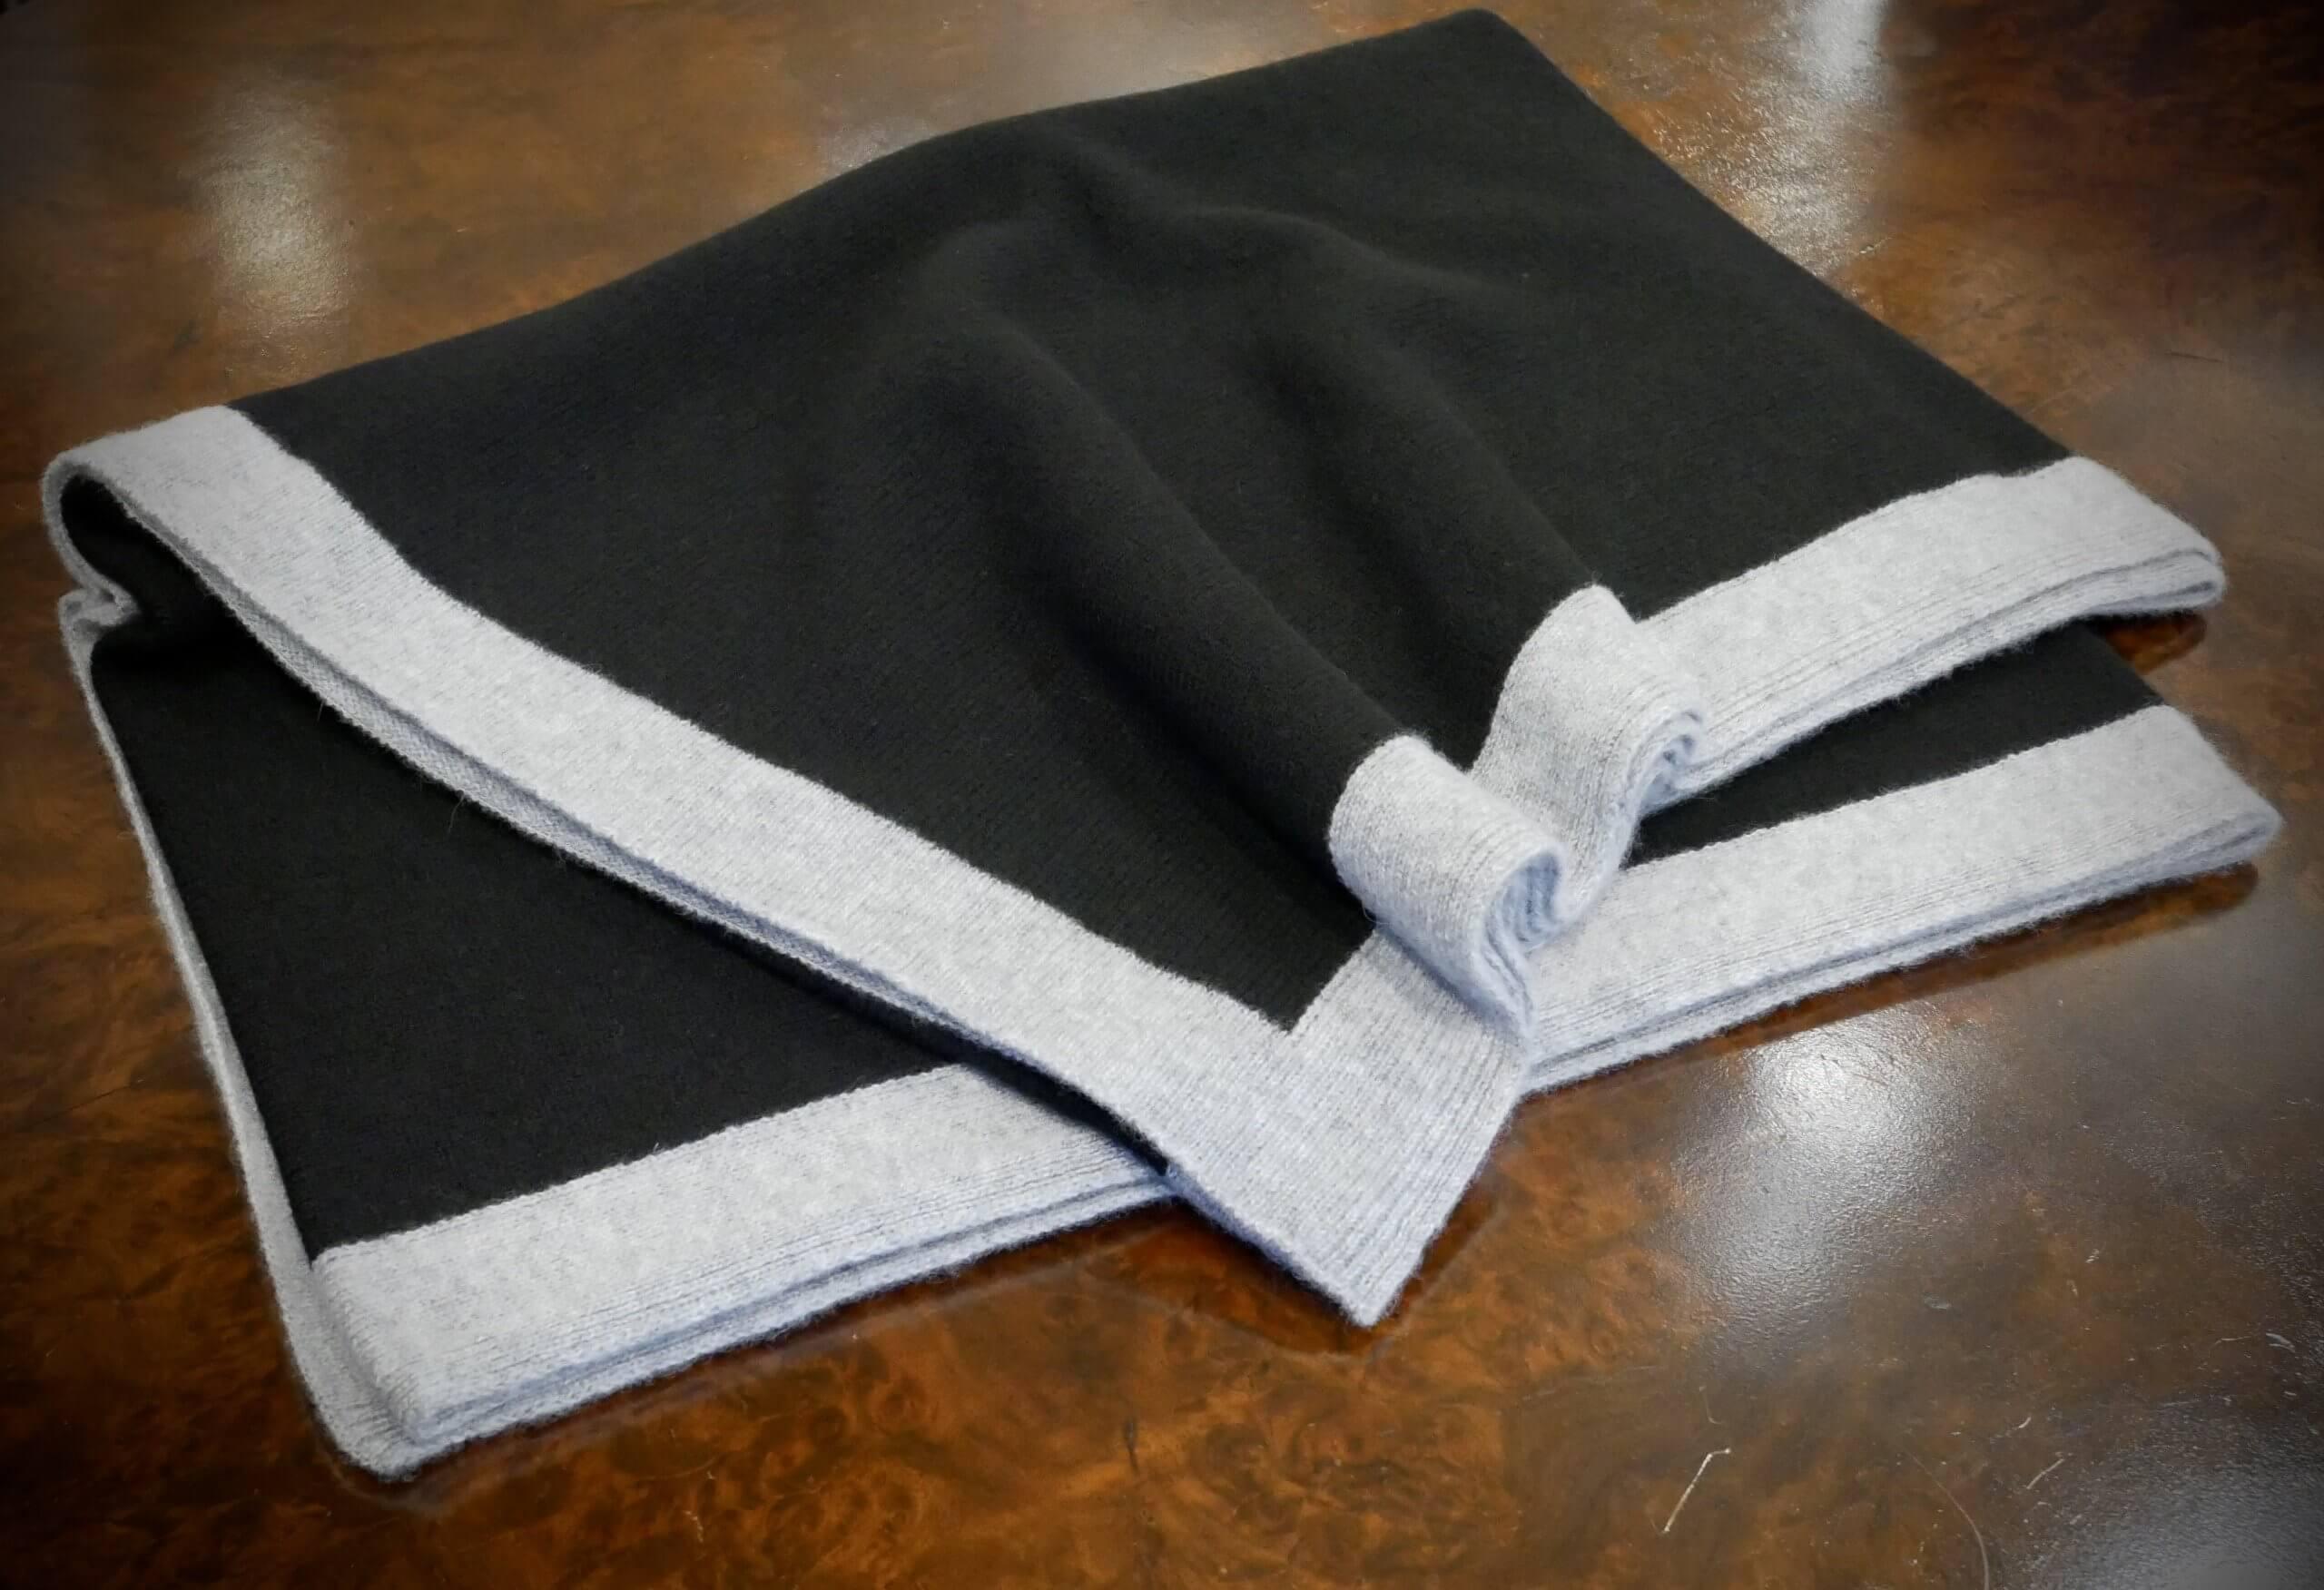 Knitwear_20201111_knitwear_7.jpg